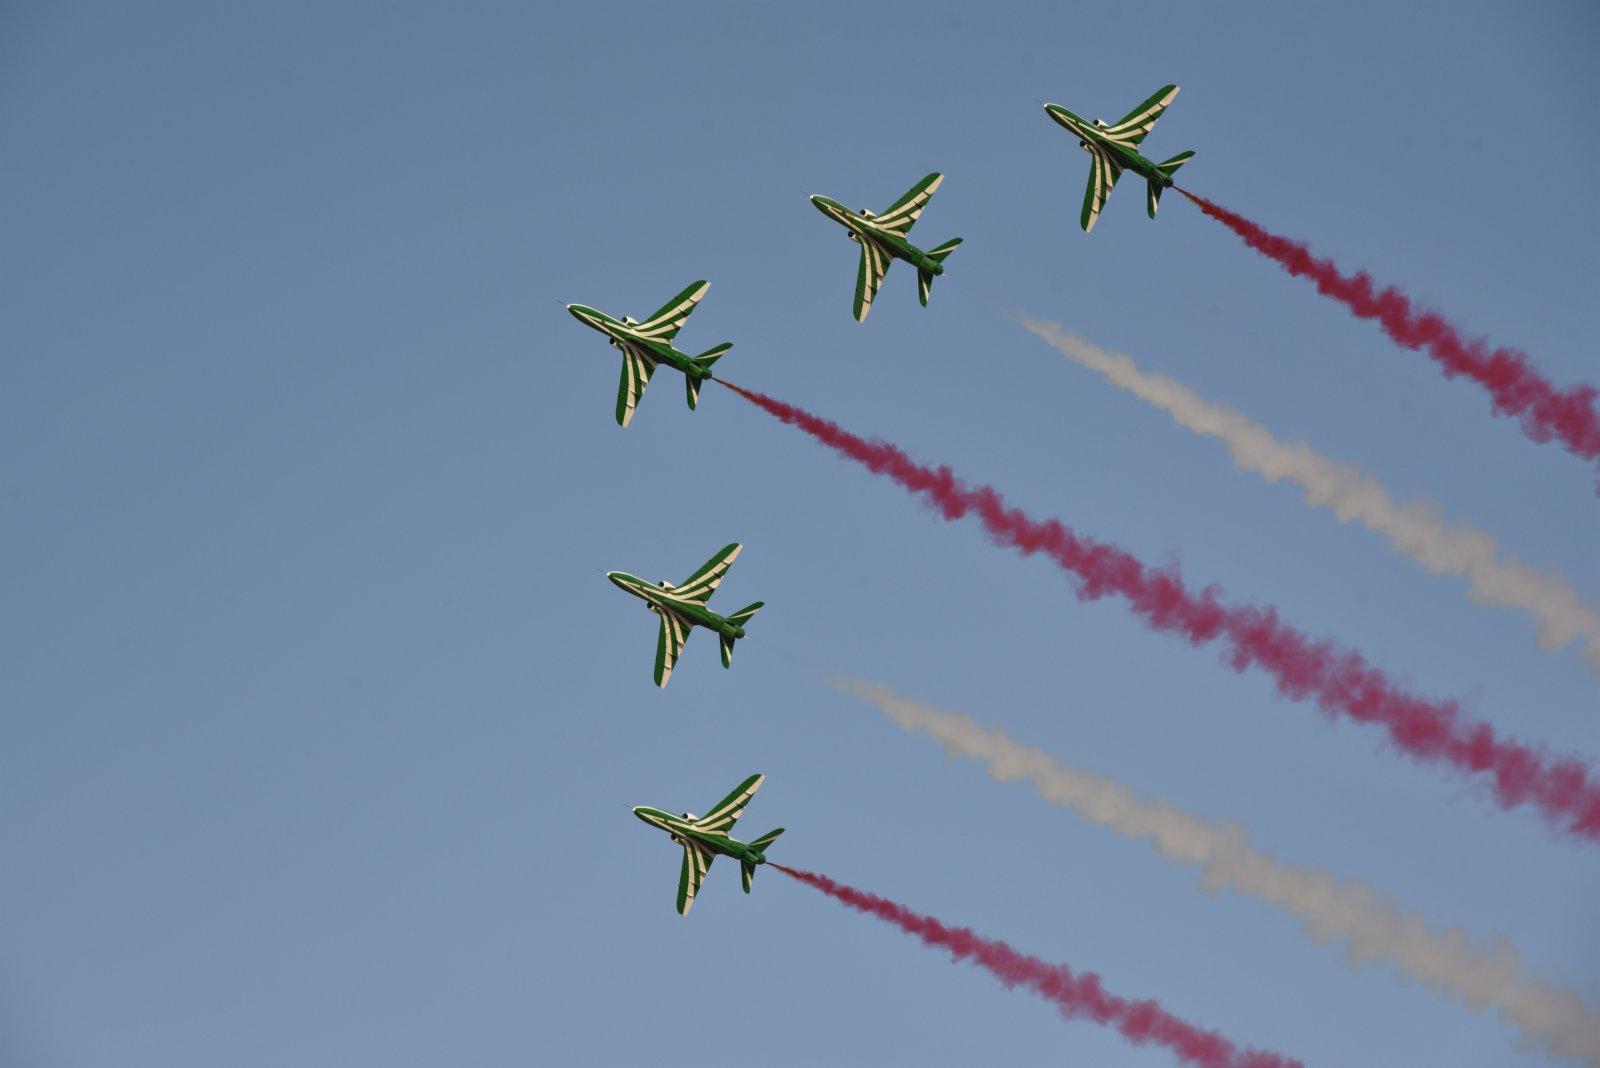 9月22日,在沙特阿拉伯首都利雅得,五架飛機在天空中噴射彩煙,並作出特技動作。(新華社)